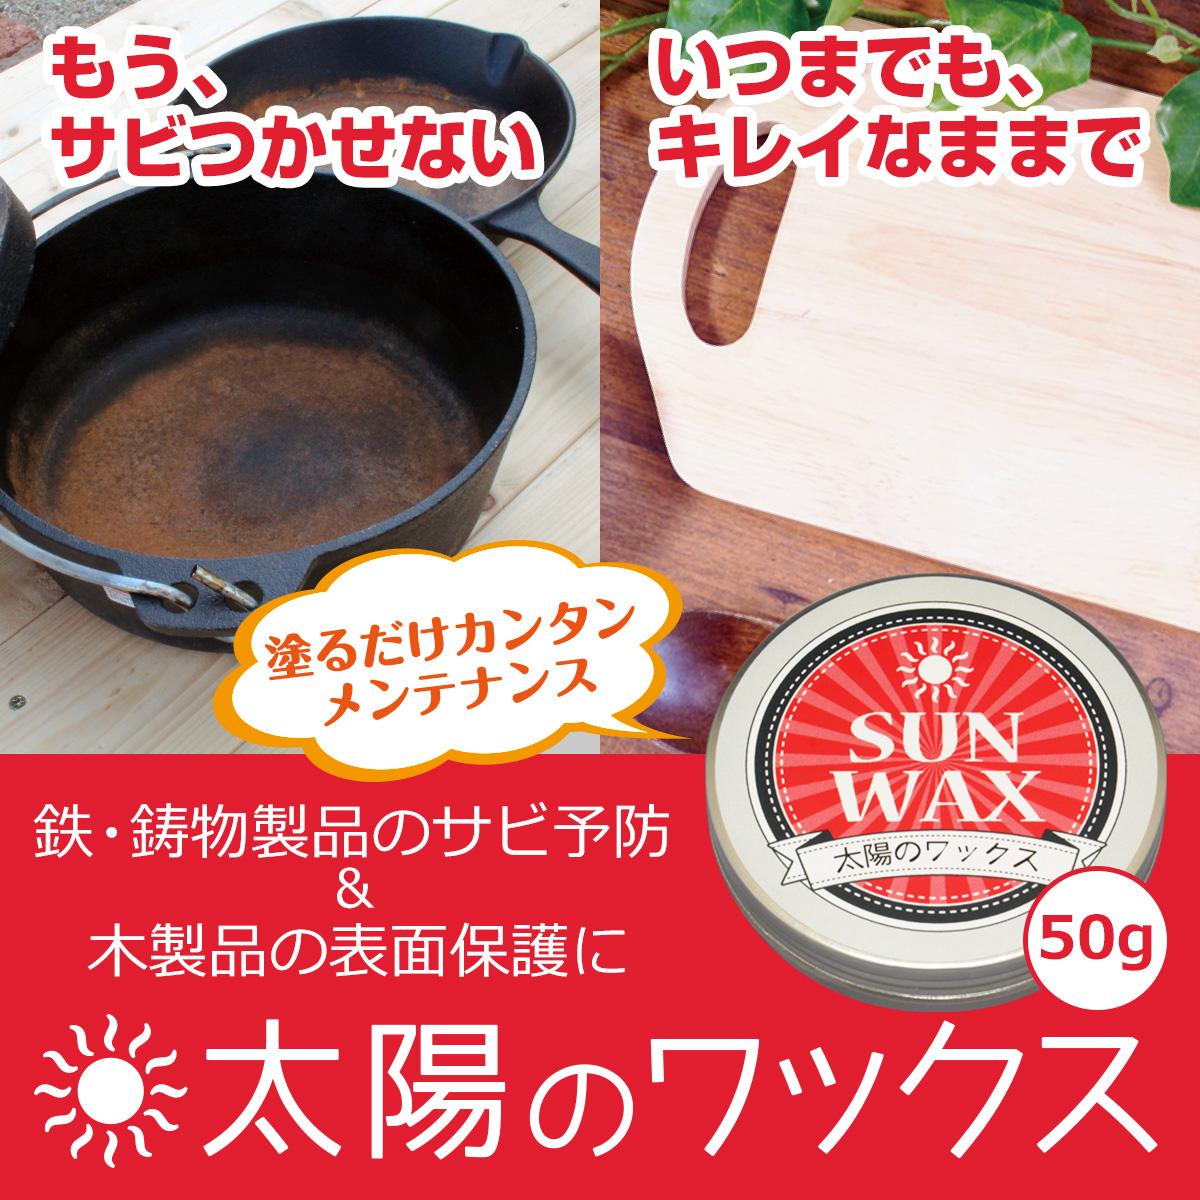 もうサビつかせない いつまでもキレイなままで 塗るだけ簡単メンテナンス 鉄・鋳物製品のサビ予防&木製品の表面保護に 太陽のワックス